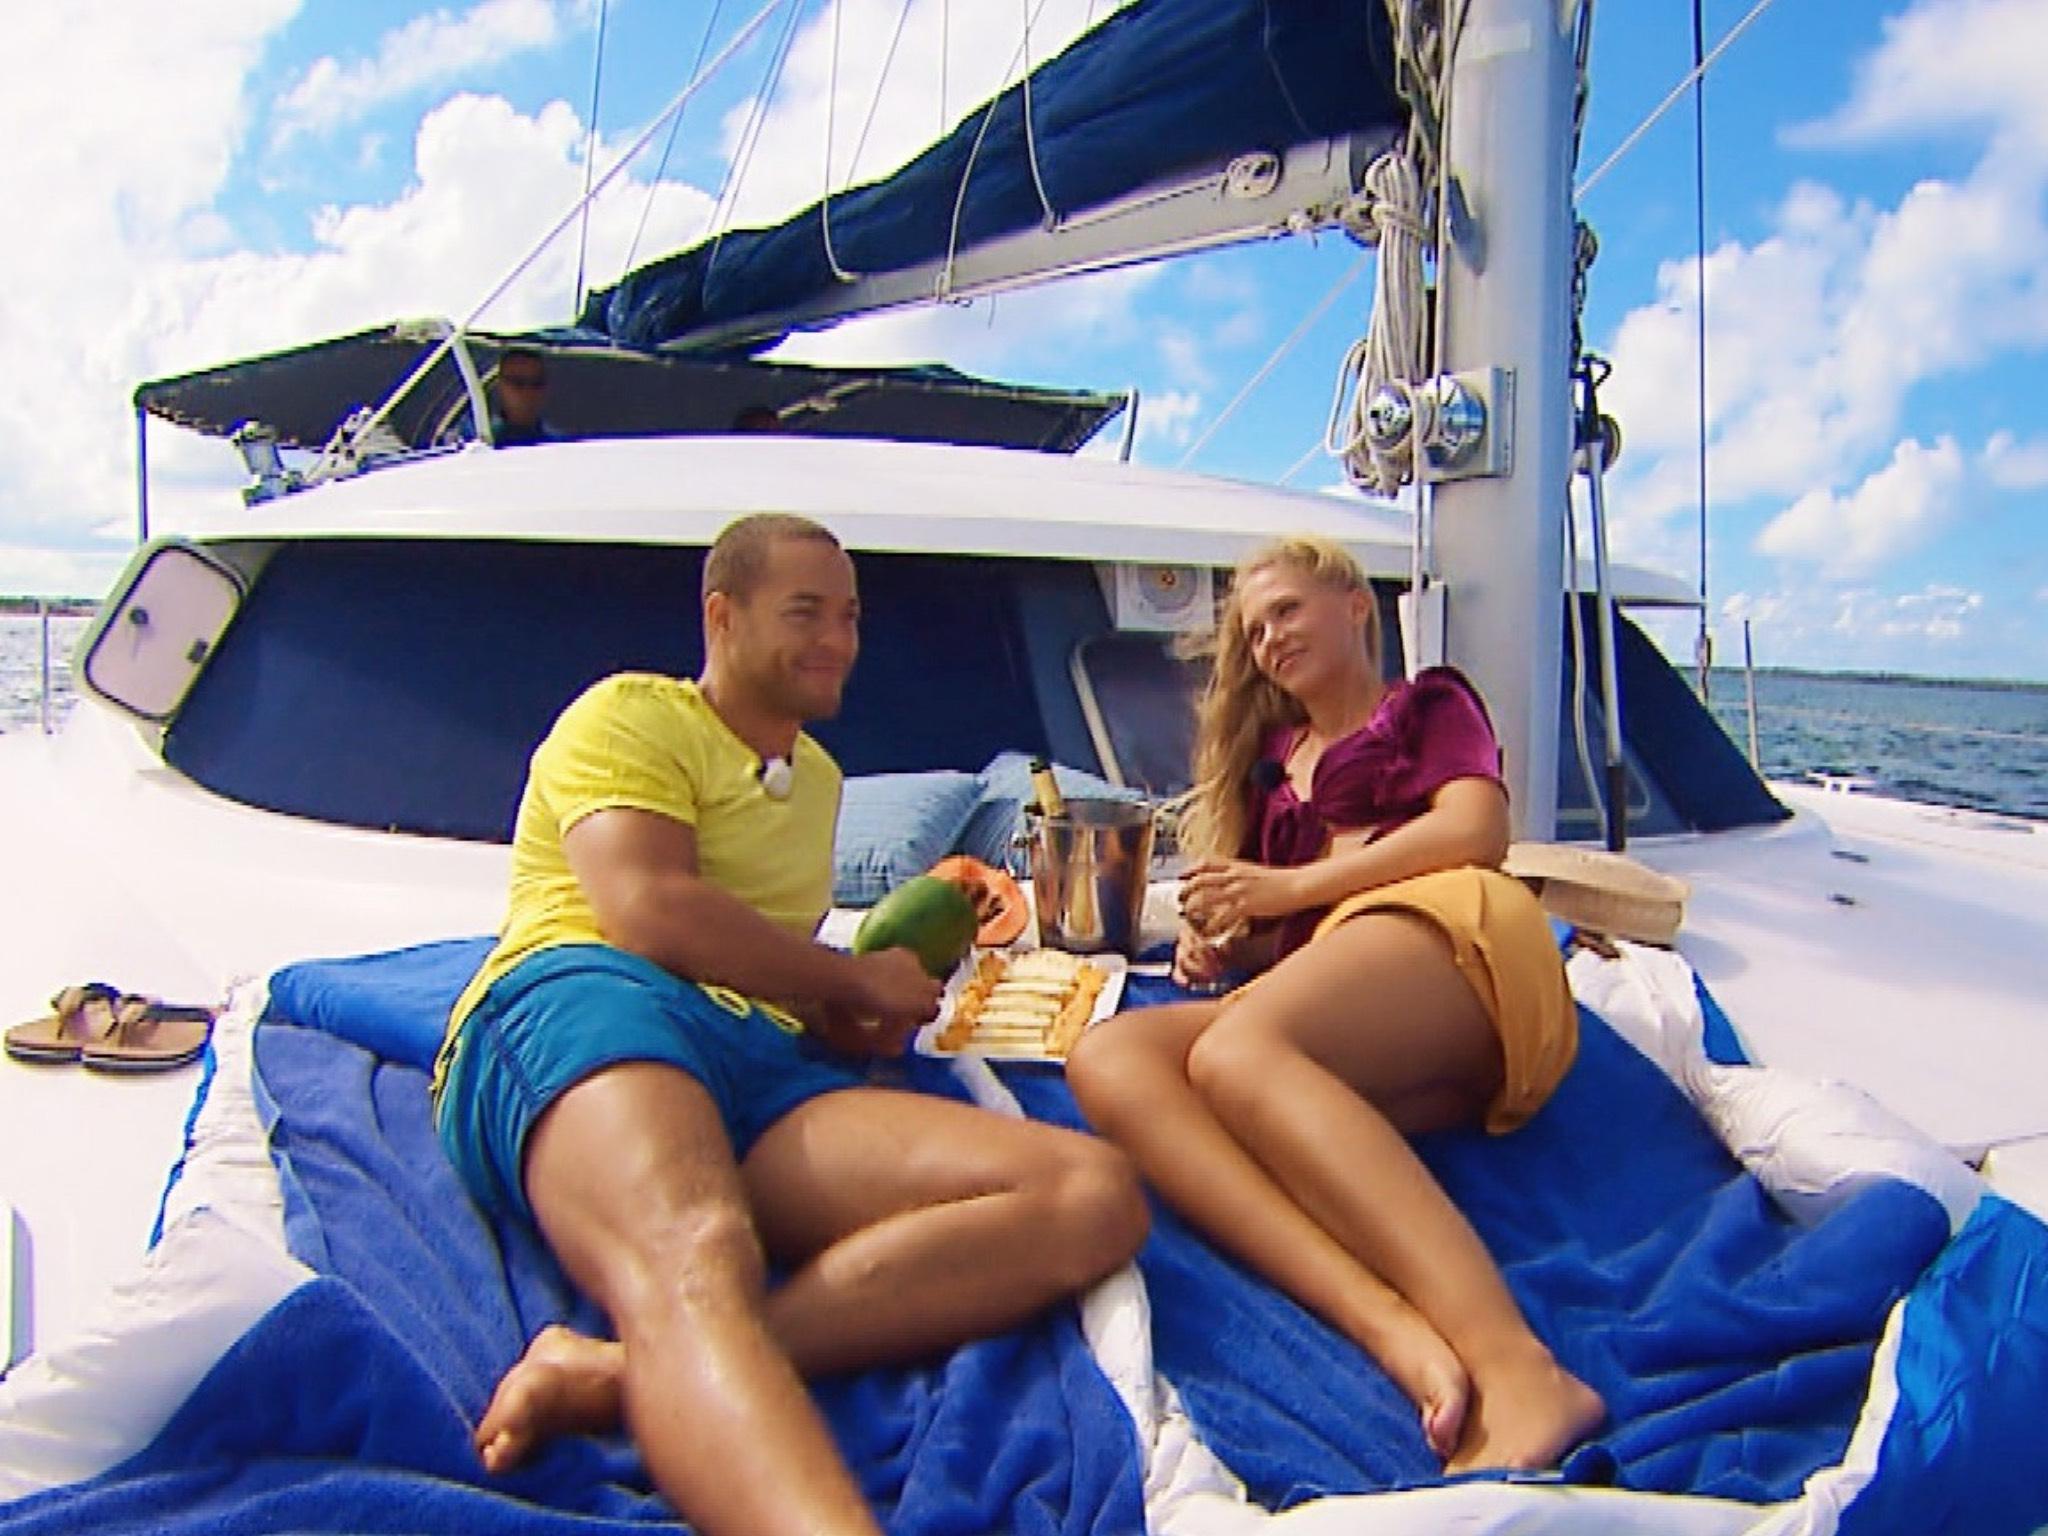 """Für das Dreamdate mit Vanessa geht es für Andrej auf eine kleine Insel vor der Nordk¸ste Kubas. Bei einer Bootsfahrt kommen sich die beiden schnell wieder näher. Alle Episoden von """"Der Bachelor"""" bei TVNOW: www.tvnow.de. Foto: MG RTL D"""